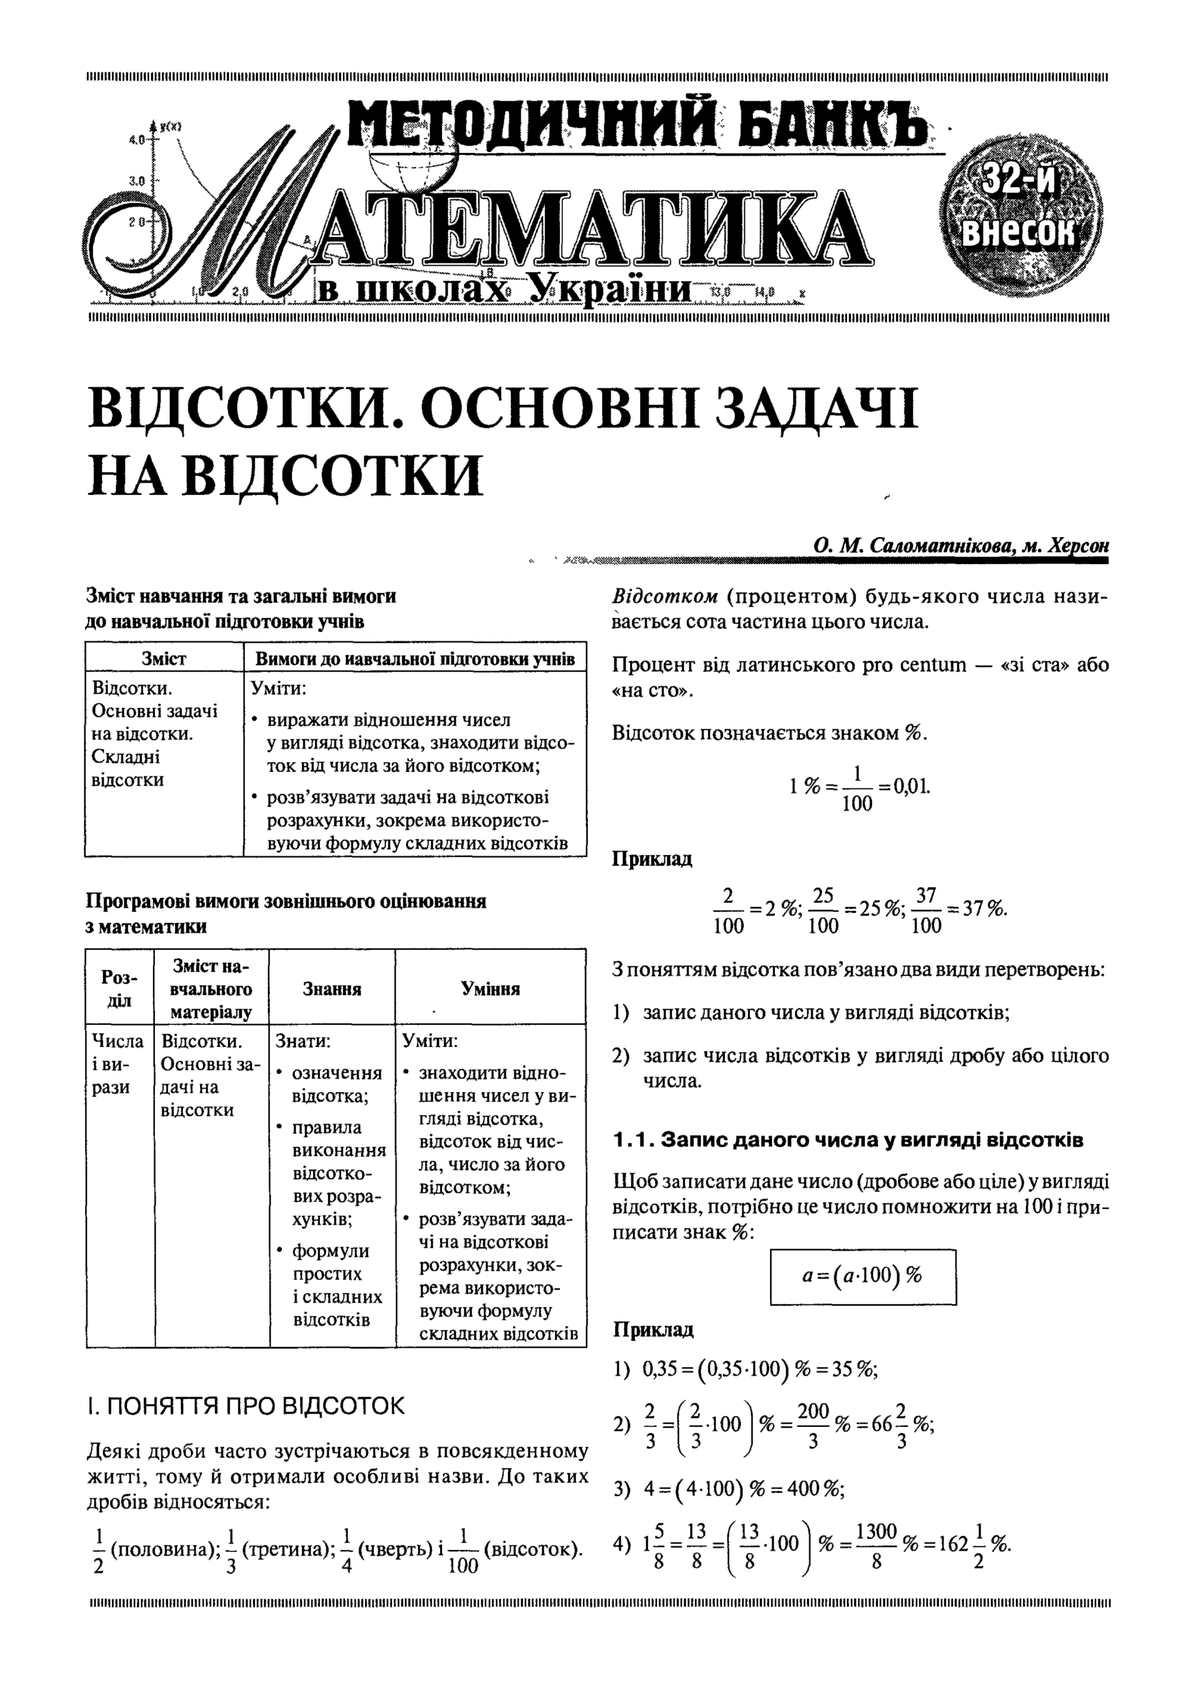 О.М. Саломатнікова Основні задачі на відсотки